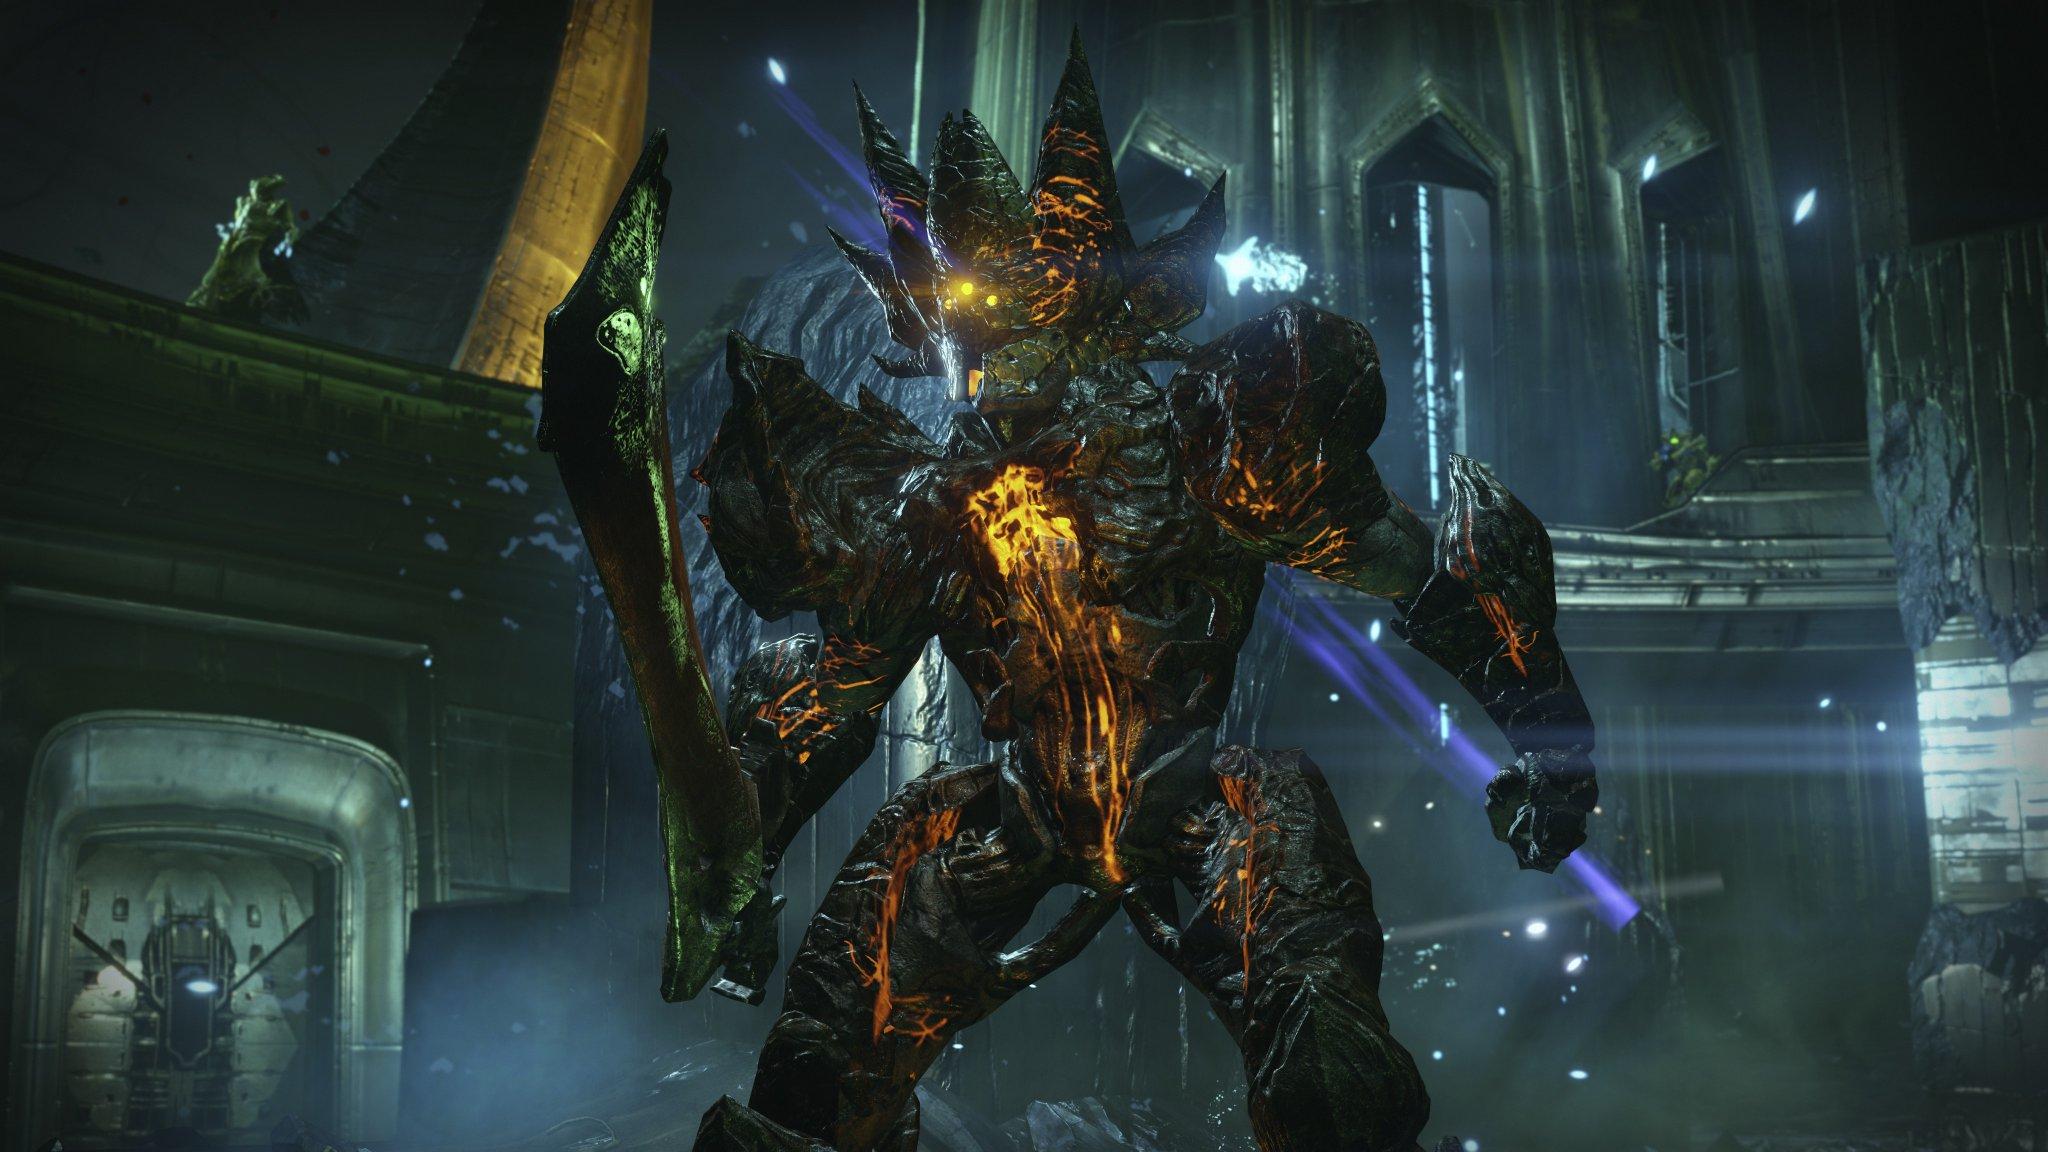 Destiny: Kommt noch eine Tresor-Erweiterung? Bungie gibt klare Antwort